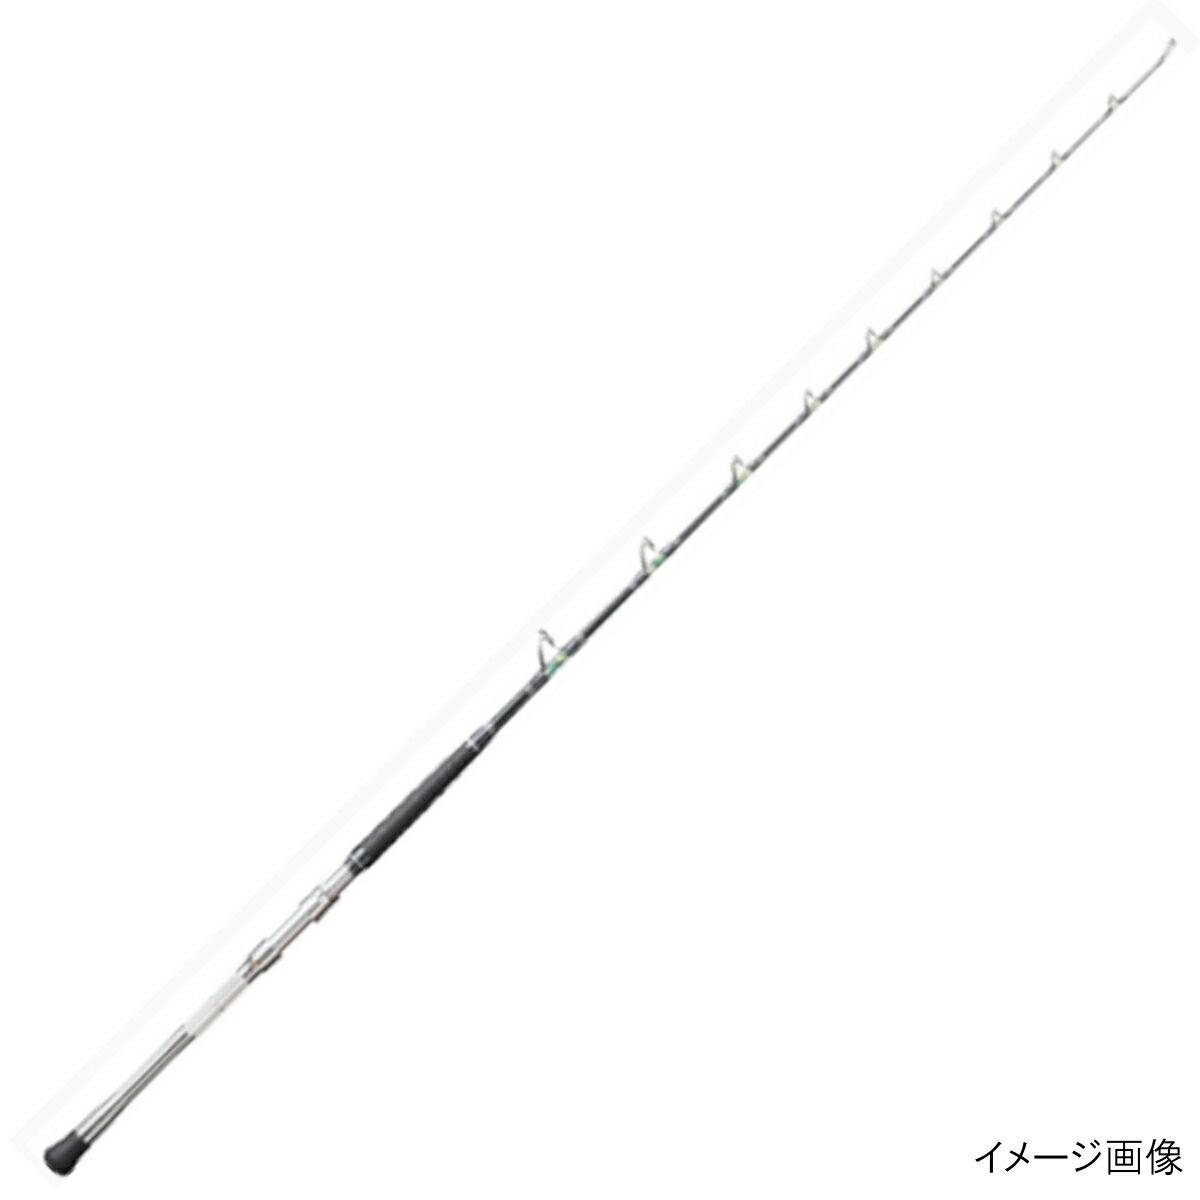 グラシスタ インテンスブルー バージョン2 168M/B【大型商品】